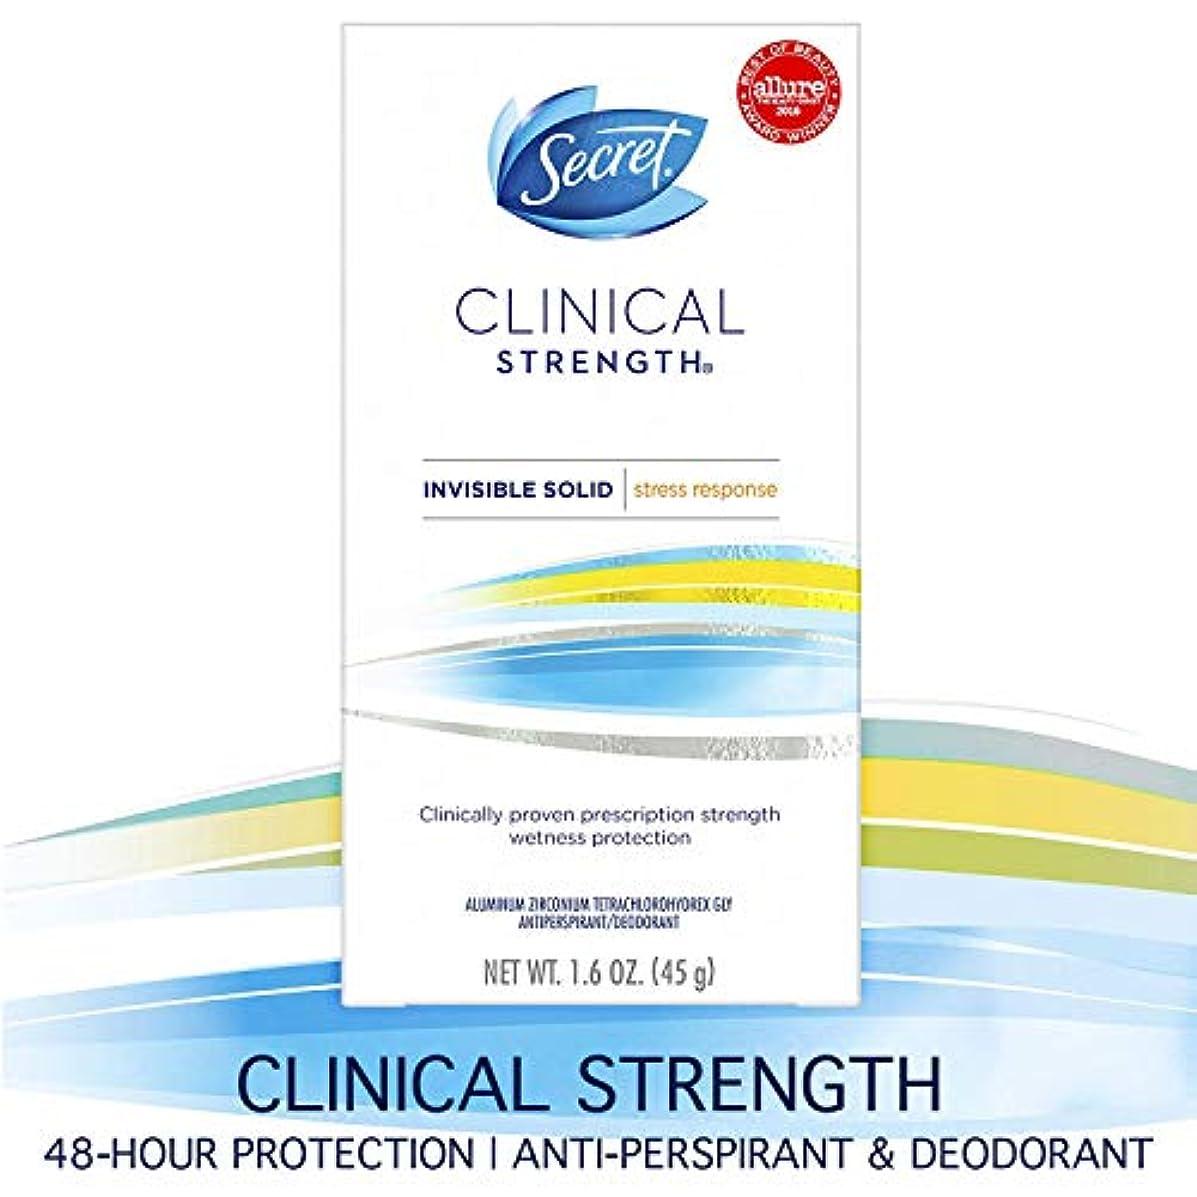 【ストレスレスポンス】白くならない魔法のソリッド シークレット クリニカル ストレングス 敏感肌用 制汗剤 Secret Clinical Strength Deodorant デオドラント 45g[並行輸入品] …